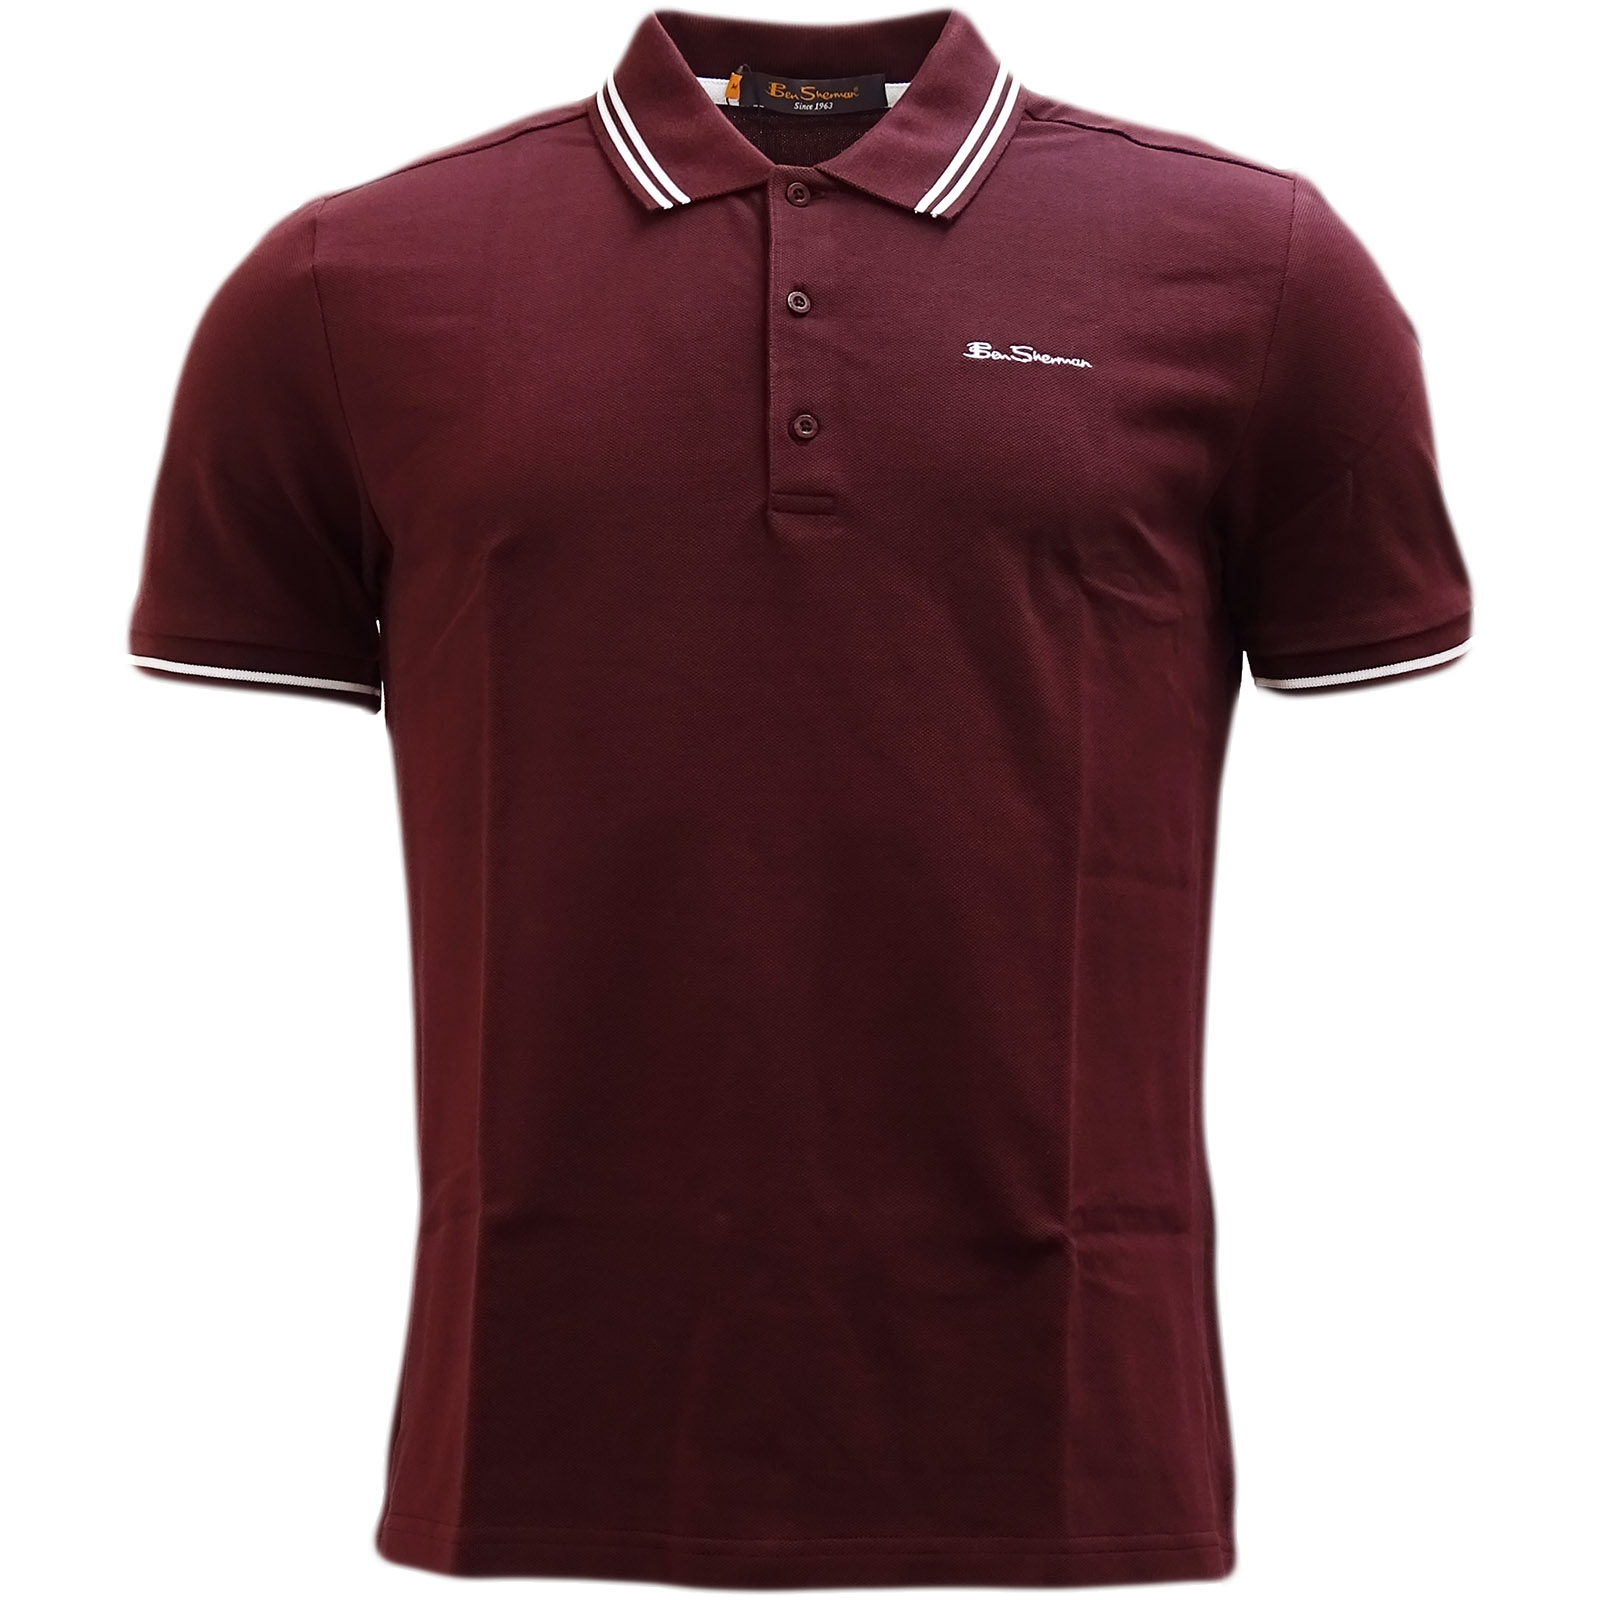 755b493f Mens Mod Retro Polo Shirts Ben Sherman Polo's S M L XL XXL